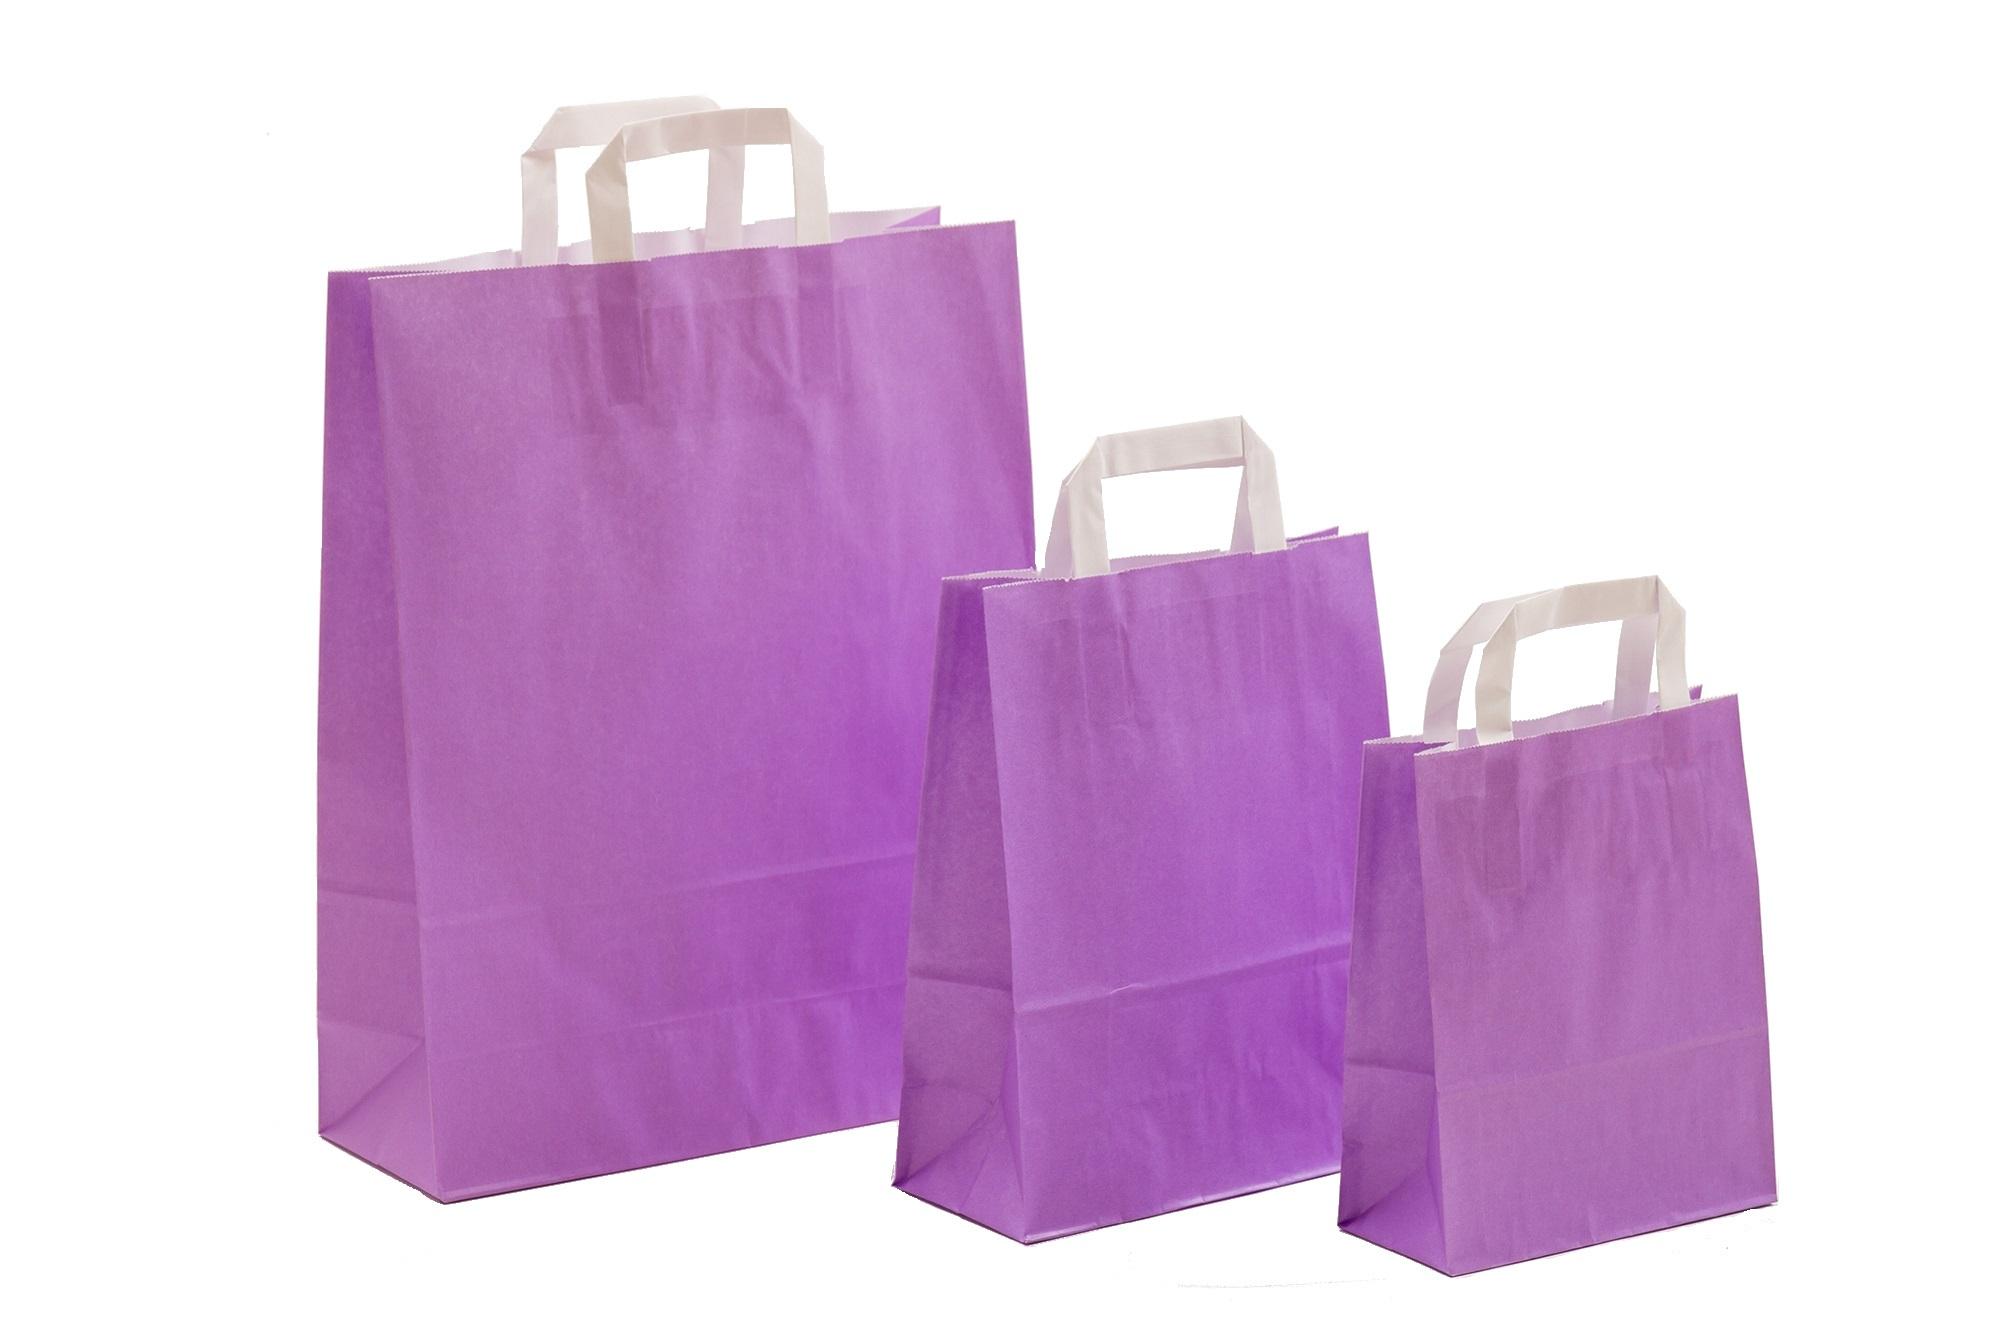 Papiertragetaschen UNI Violett mit Innenflachhenkel